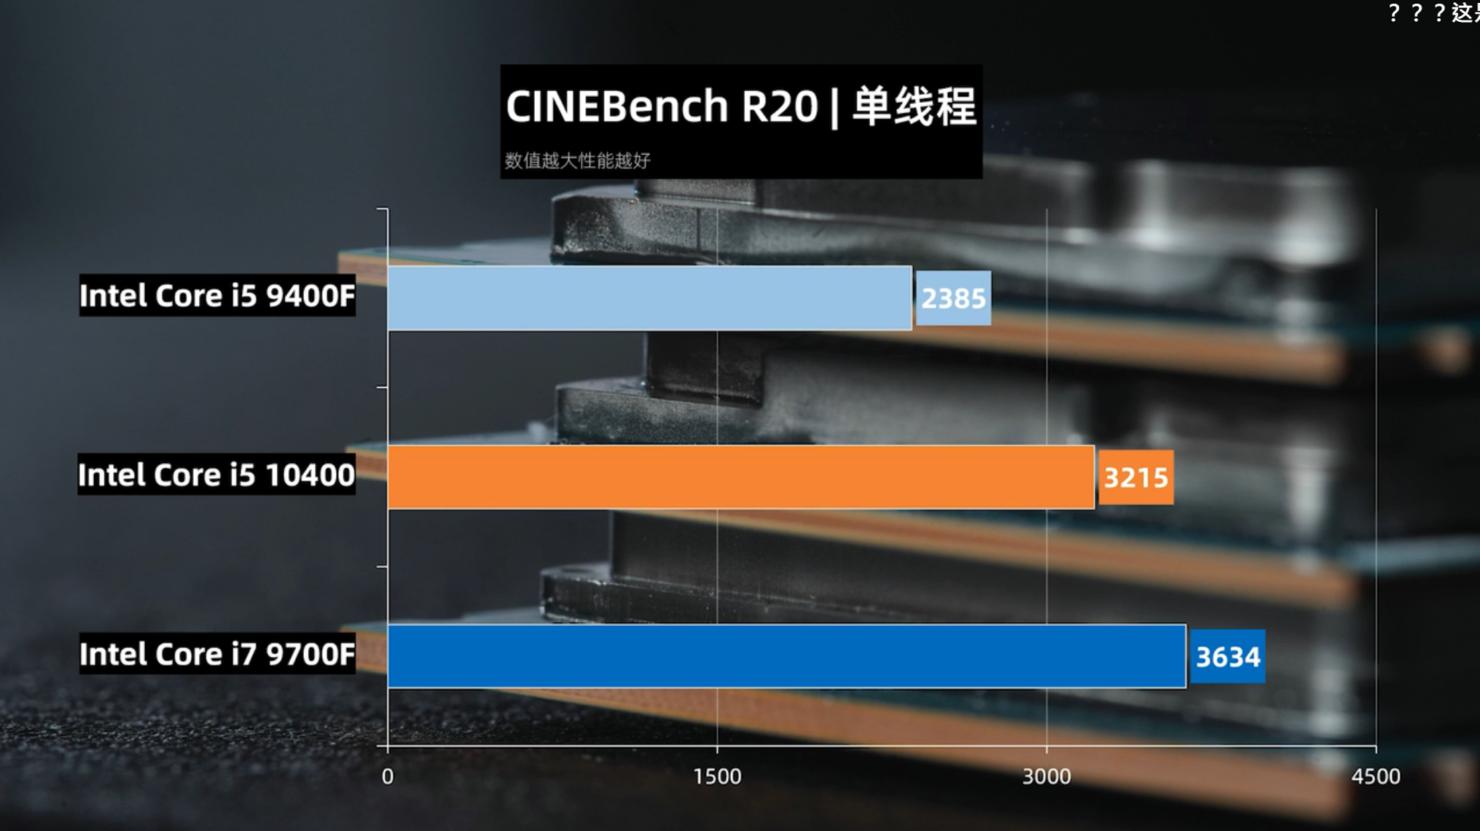 intel-core-i5-10400-comet-lake-s-6-core-desktop-cpu_cinebench-r20-multi-core